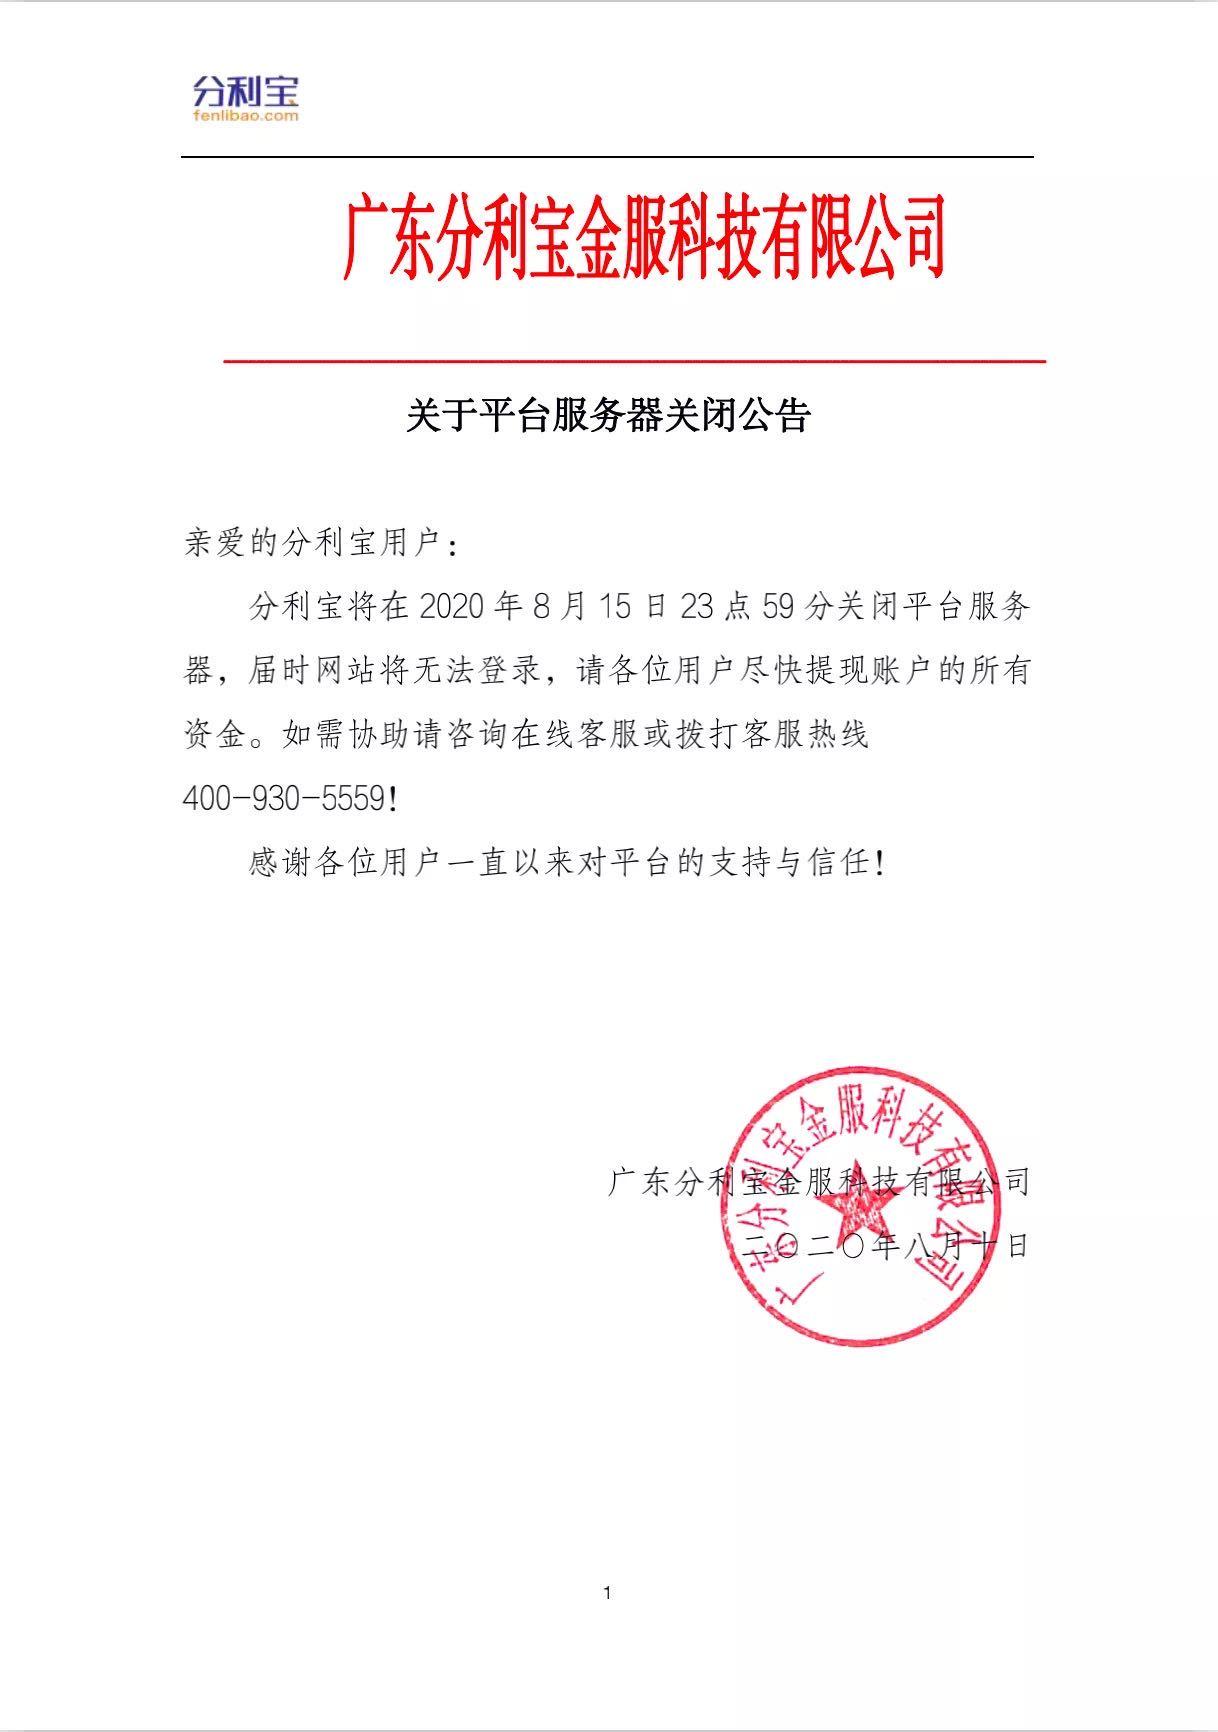 广东P2P分利宝即将关闭服务器 催促用户赶紧提现